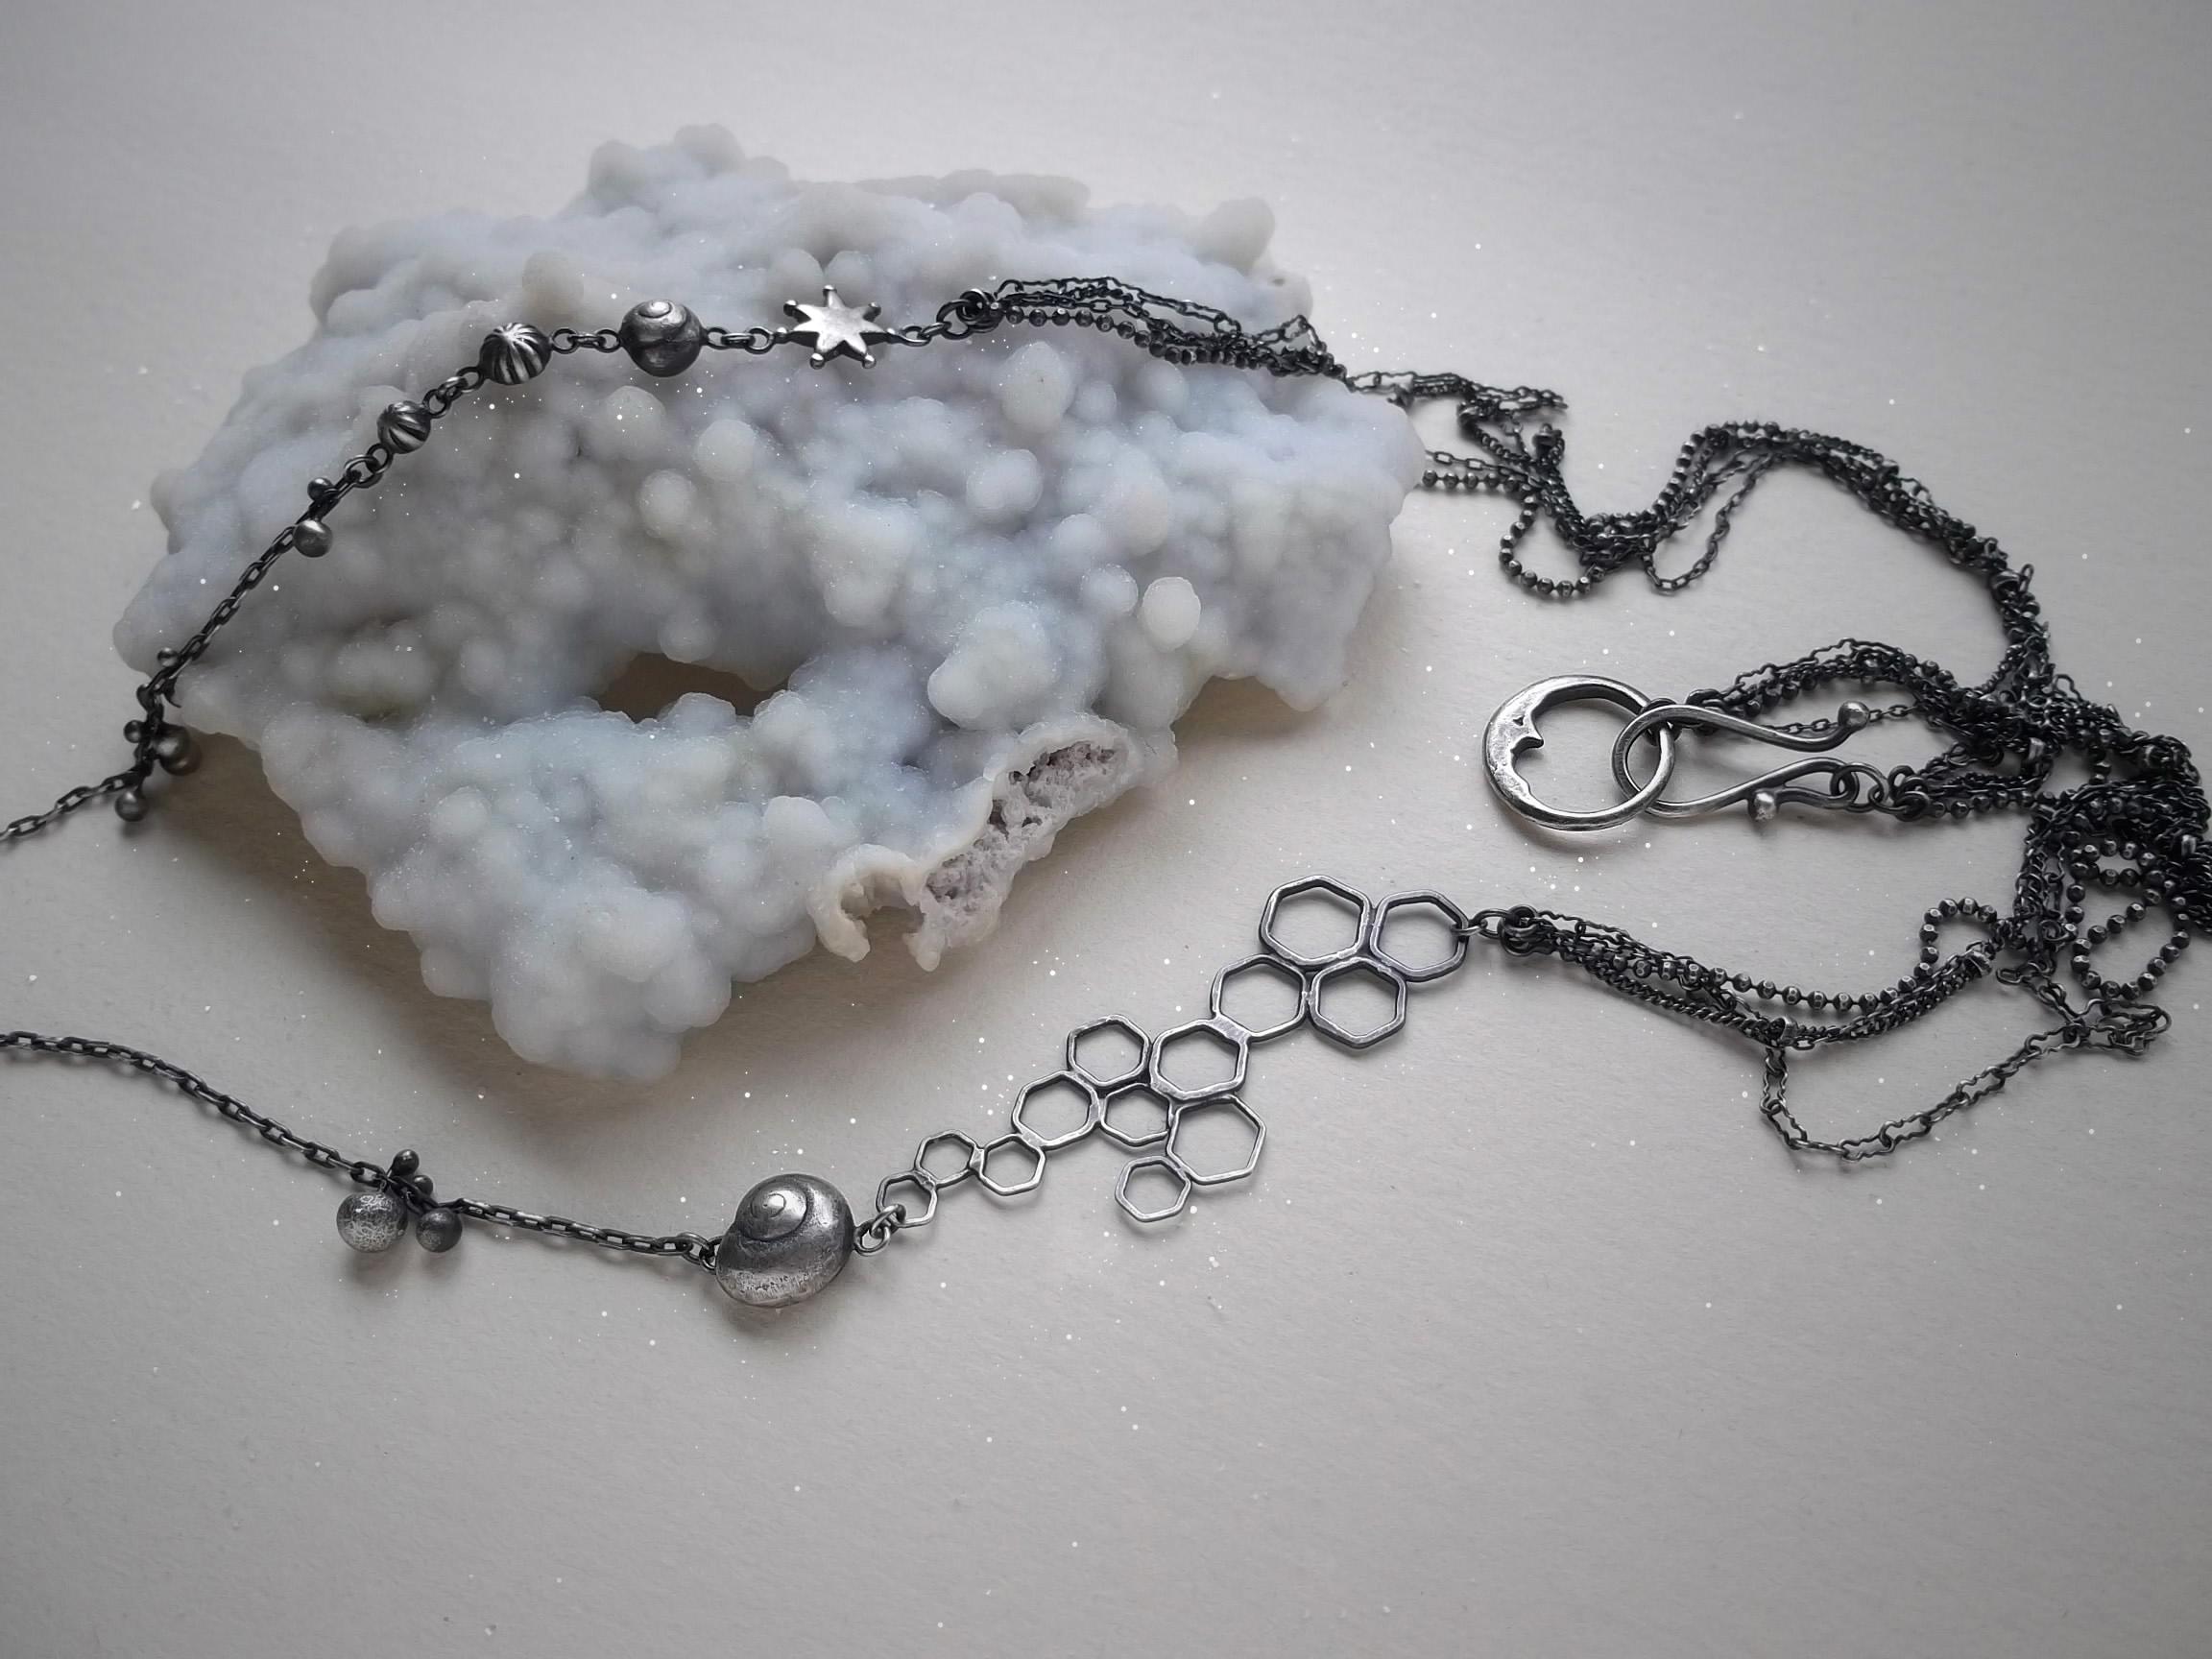 Rabbit Necklace detail